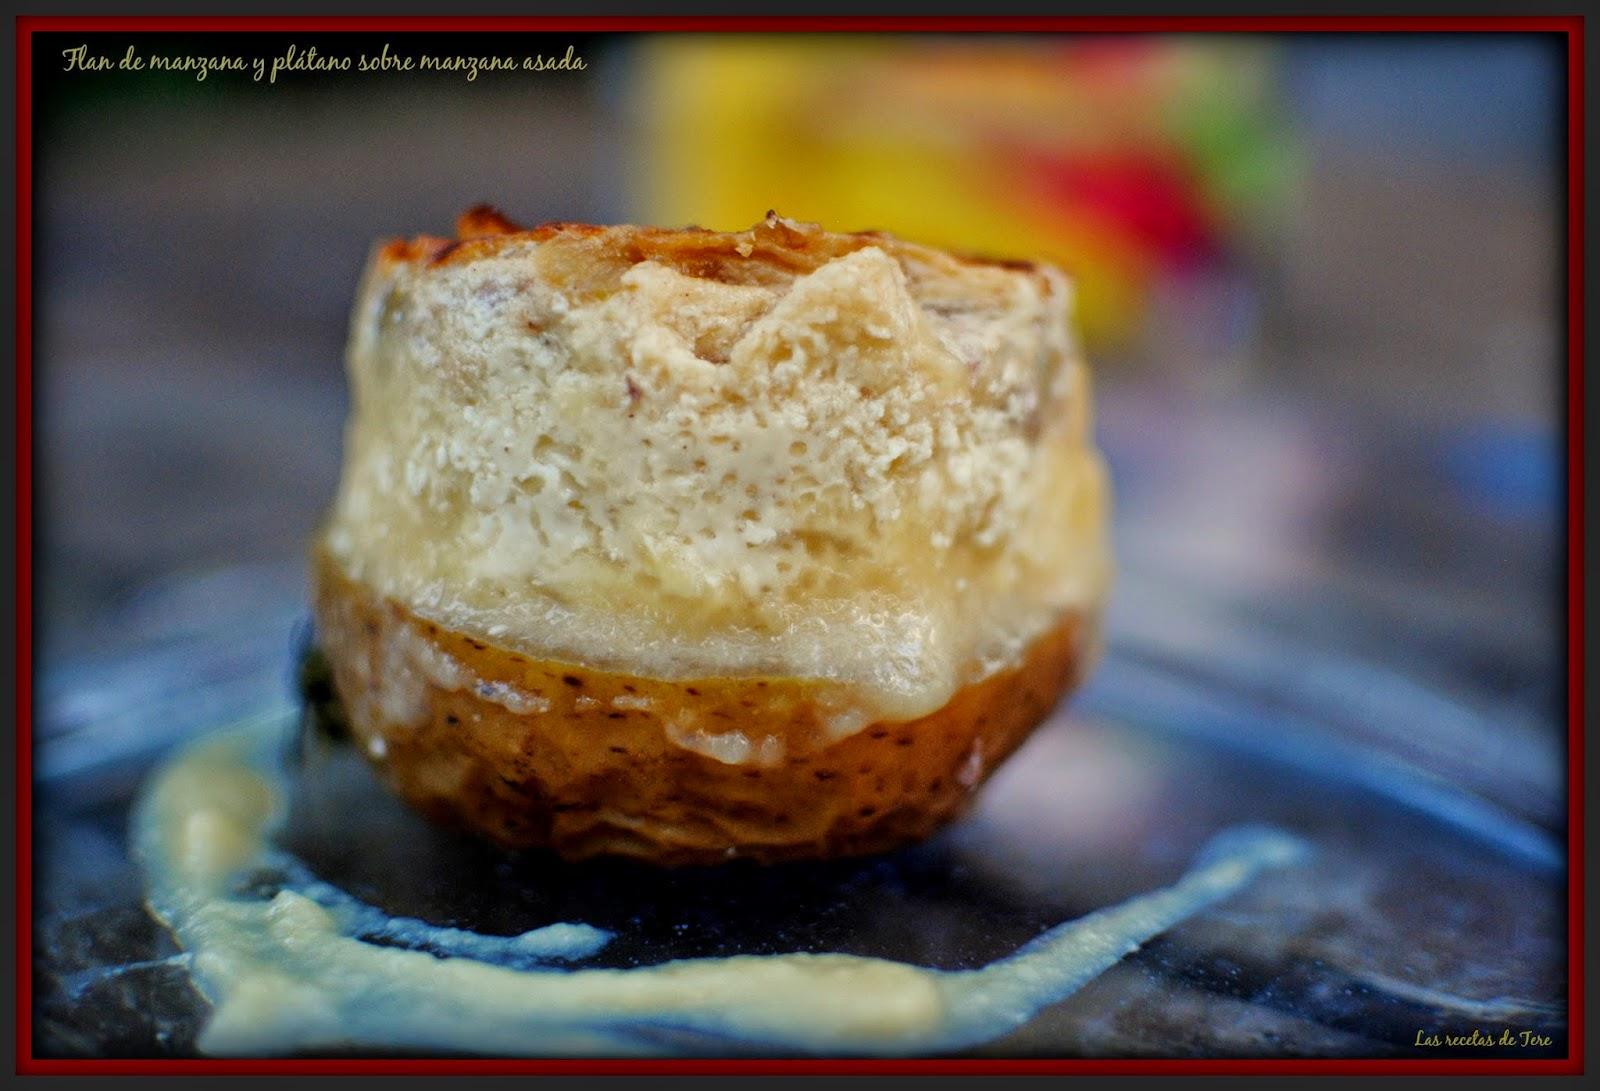 Flan de manzana y plátano sobre manzana asada 03